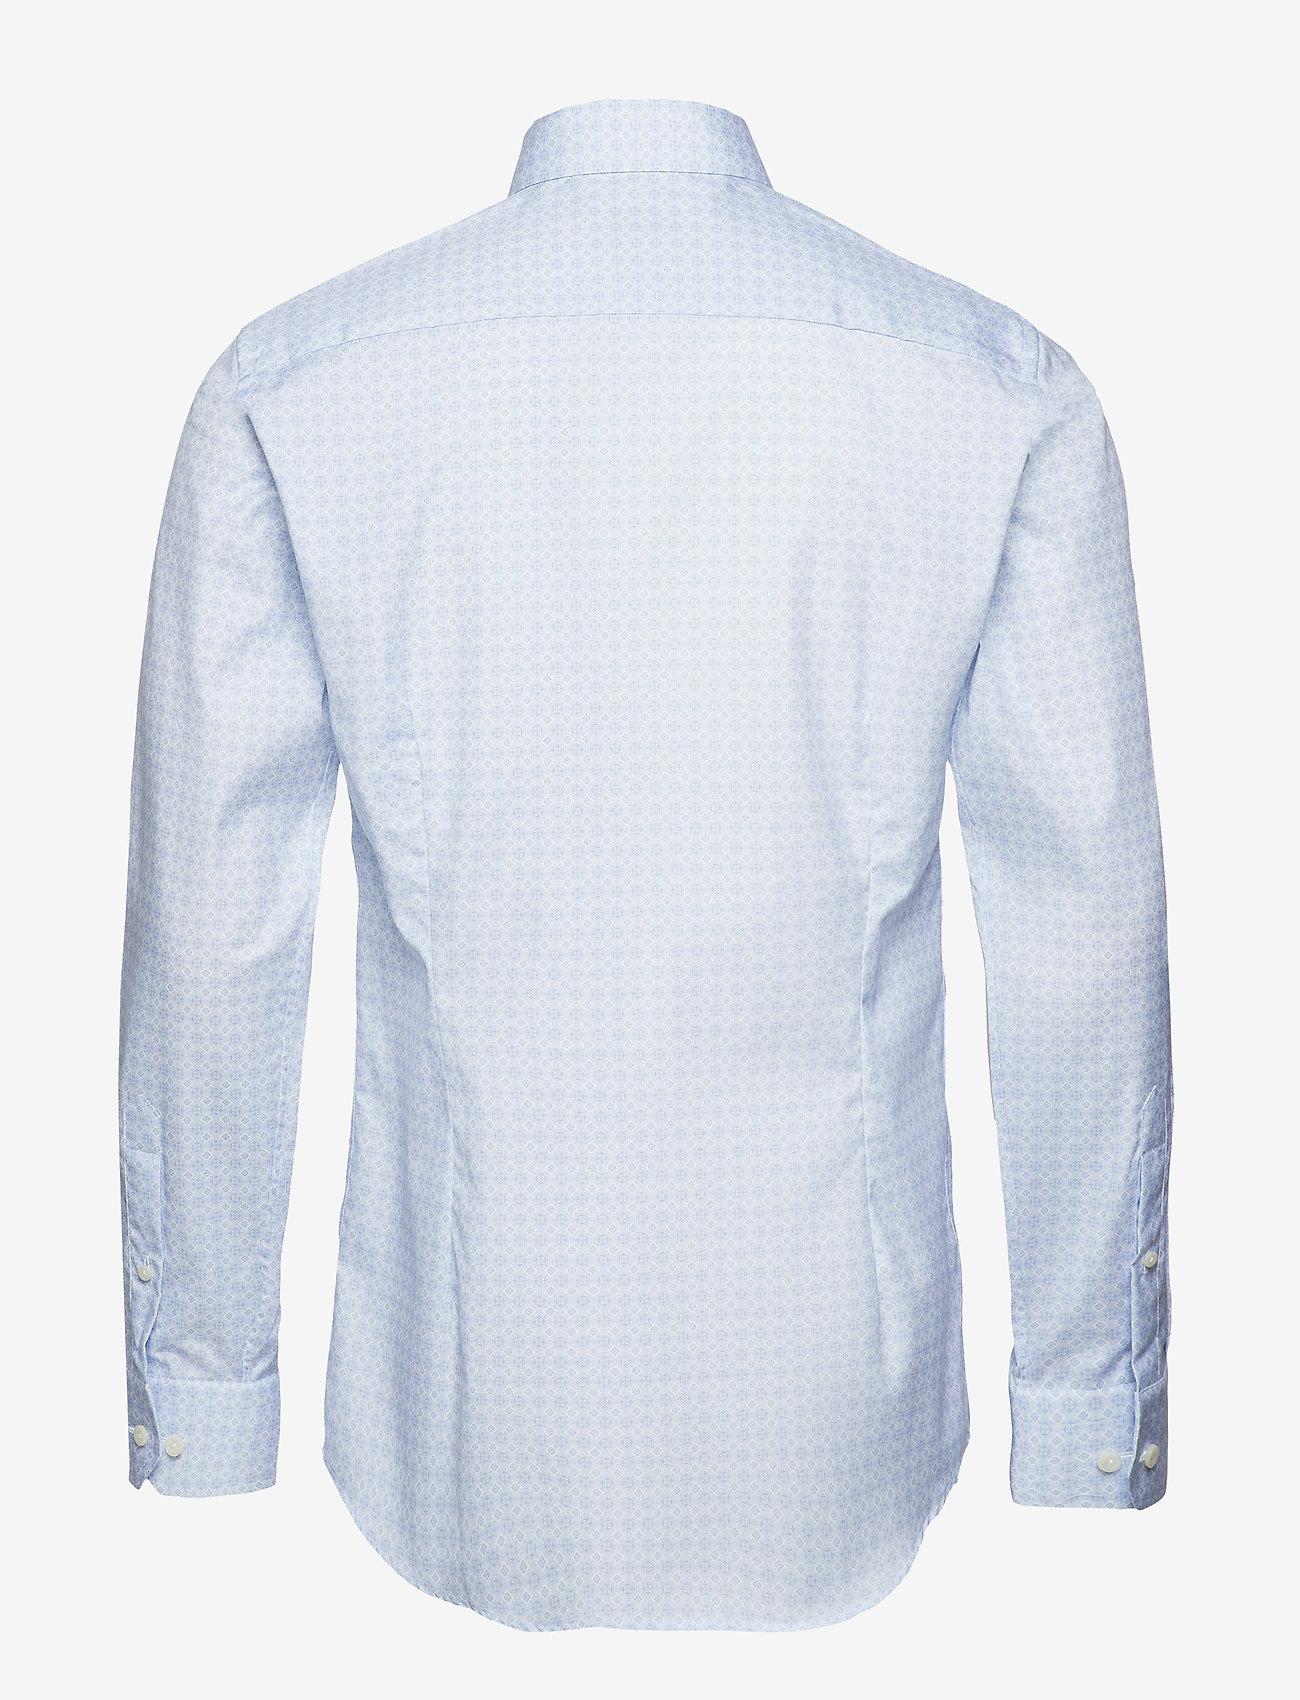 Eton Navy twill shirt - Skjorter BLUE - Menn Klær